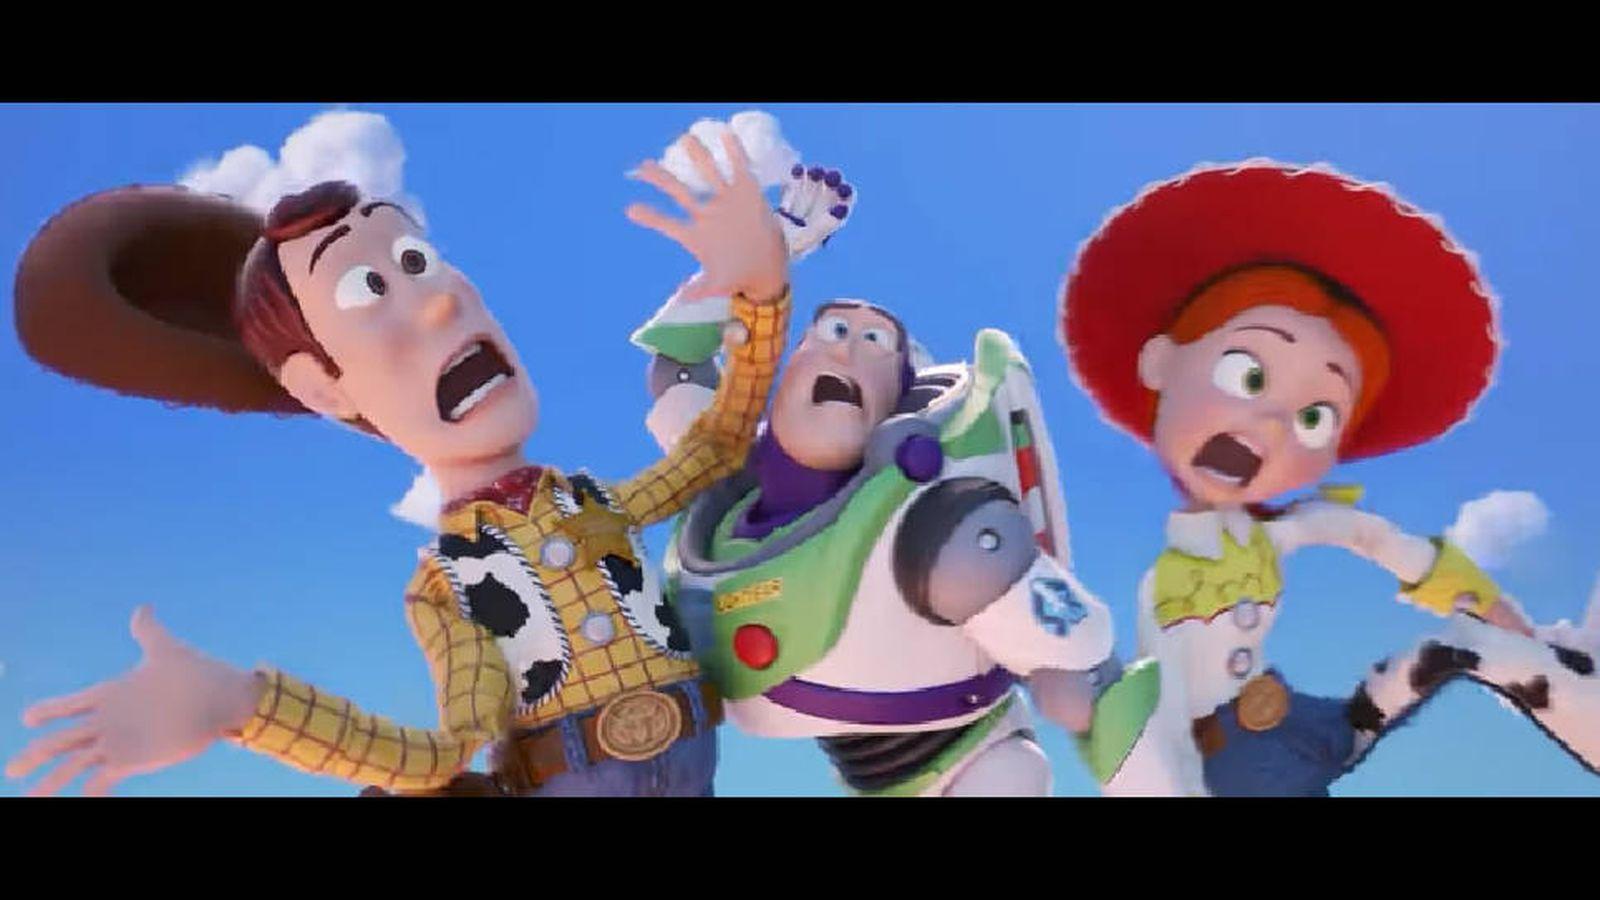 Cine  Toy Story 4 ya tiene fecha de estreno  la película que todos  queríamos ver 67160b0b6bc